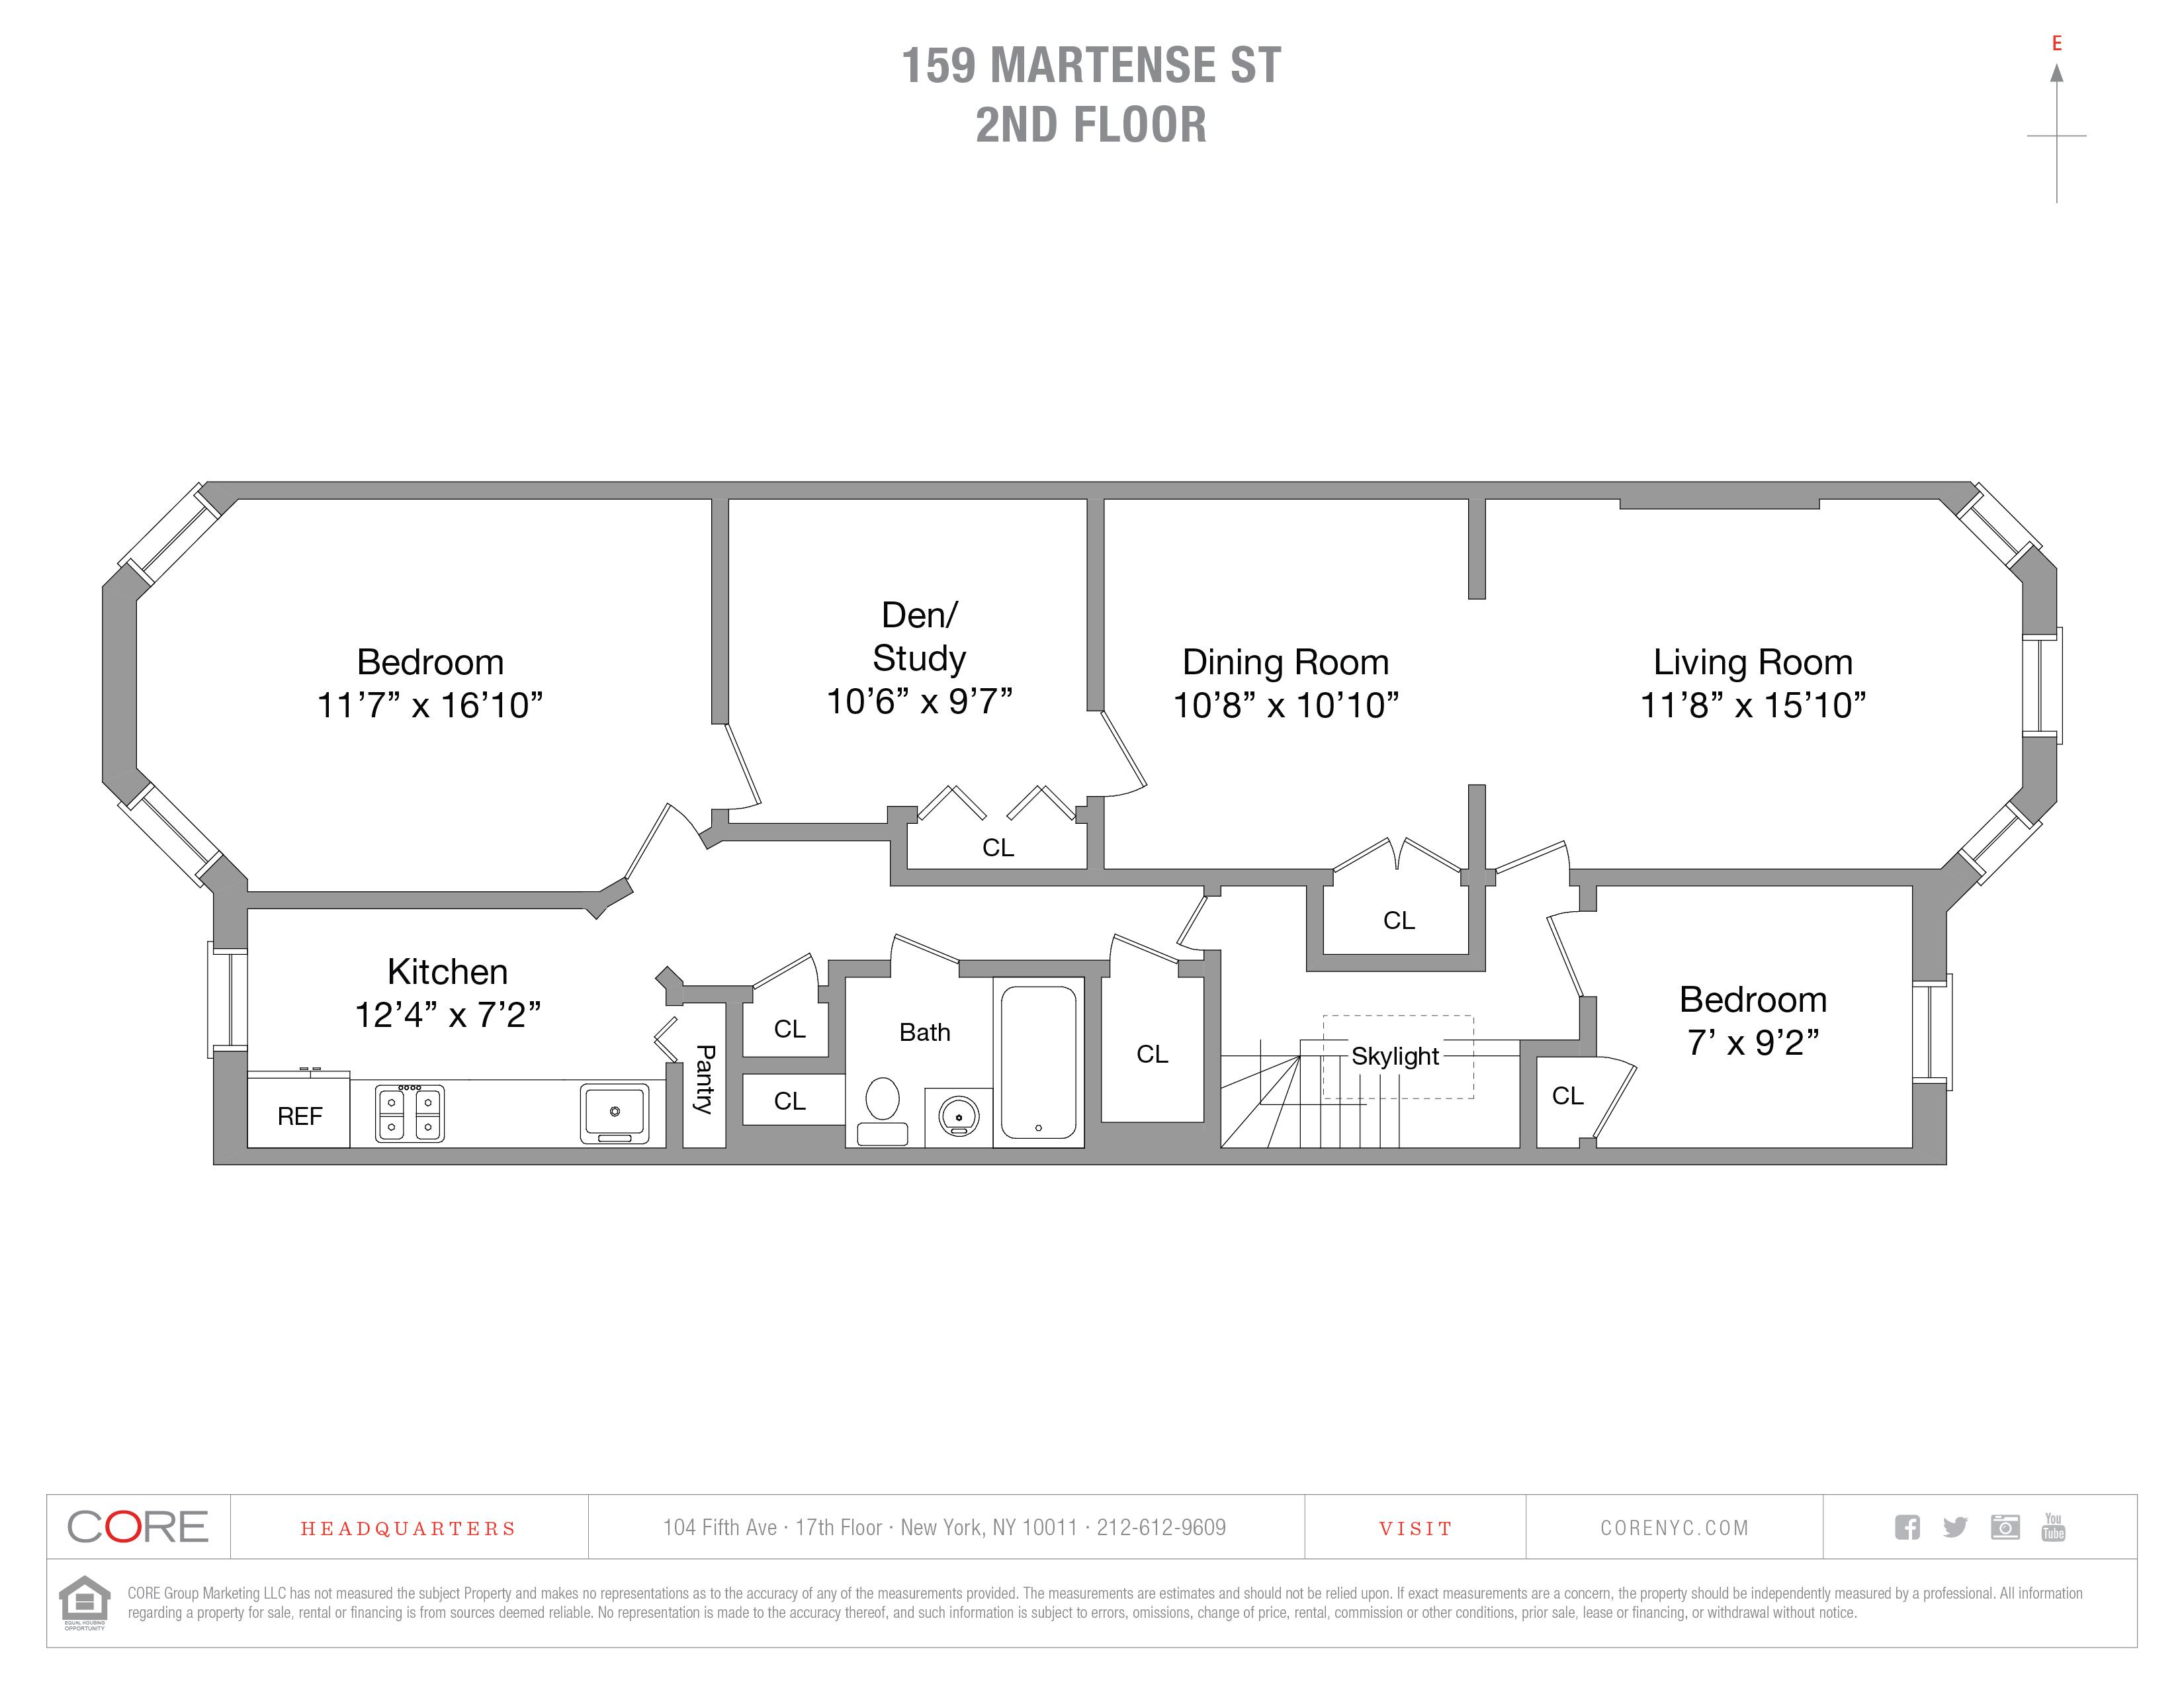 159 Martense St. 2, Brooklyn, NY 11226